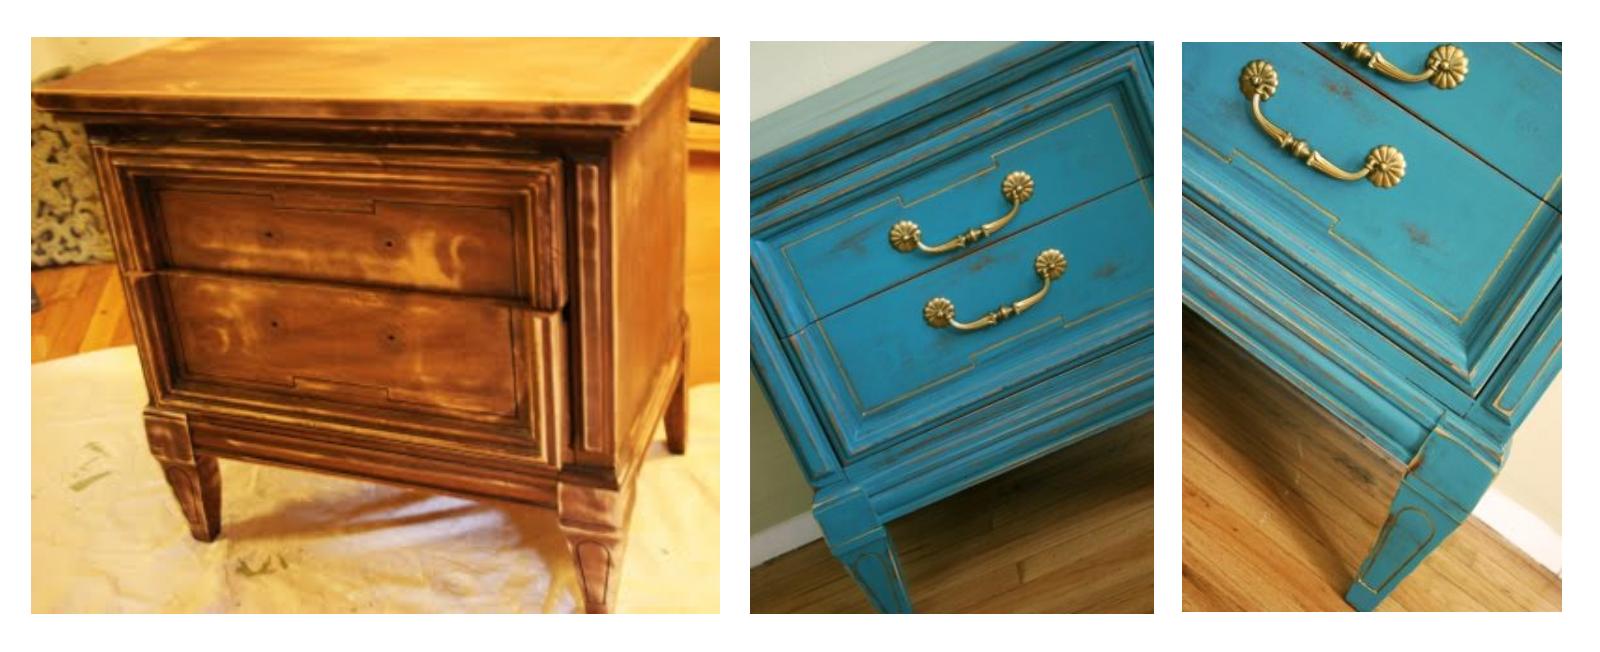 Tutorial de artesan as muebles con nueva vida for Muebles artesania